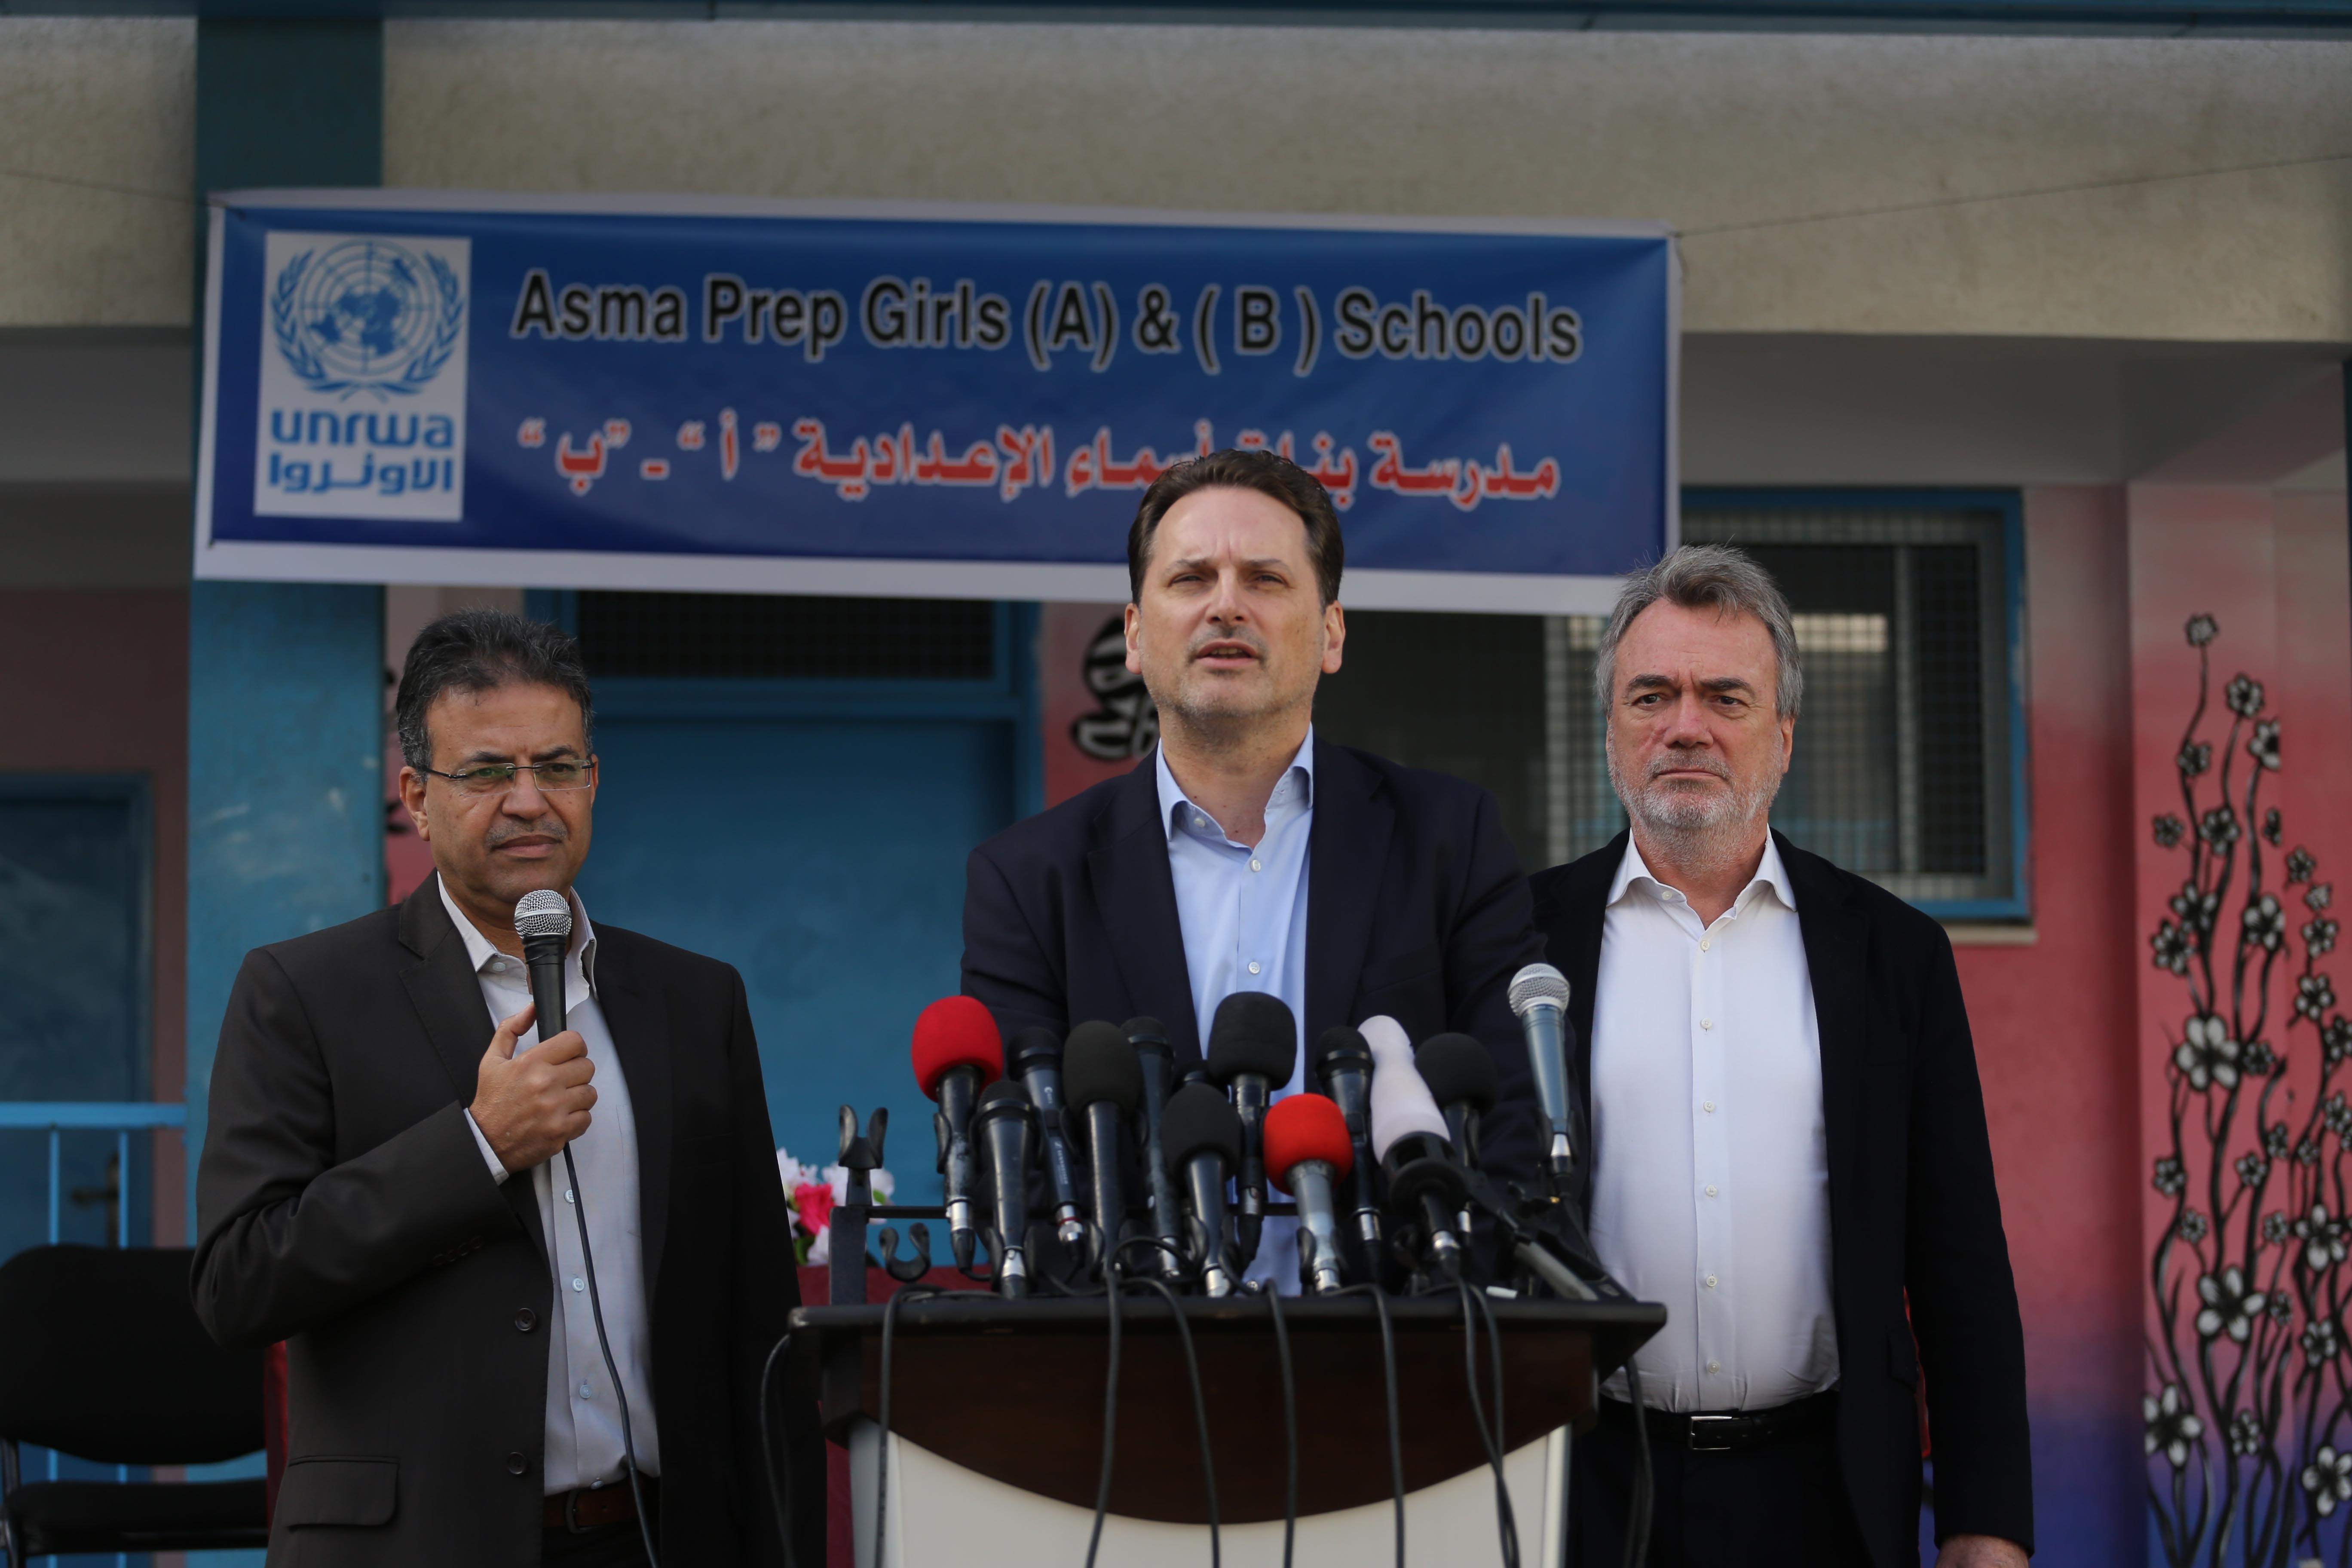 وكالة الصحافة الفلسطينية -  أونروا  تشكل لجنة تقصي حقائق لحل الأزمة مع الاتحادات